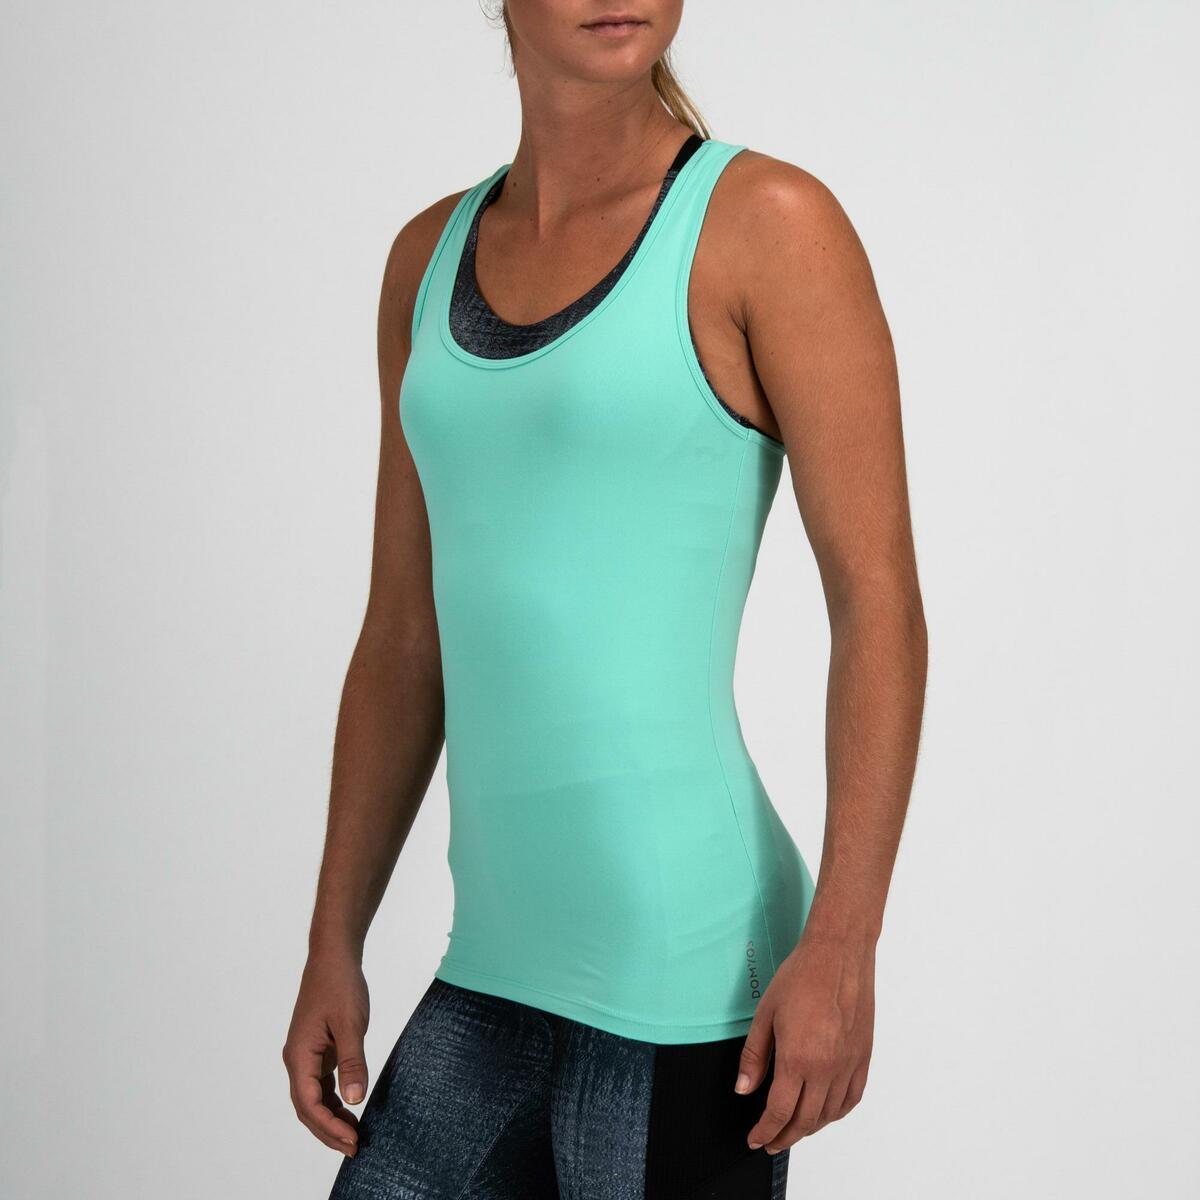 Bild 4 von My Top 100 Fitness Cardio Damen türkis